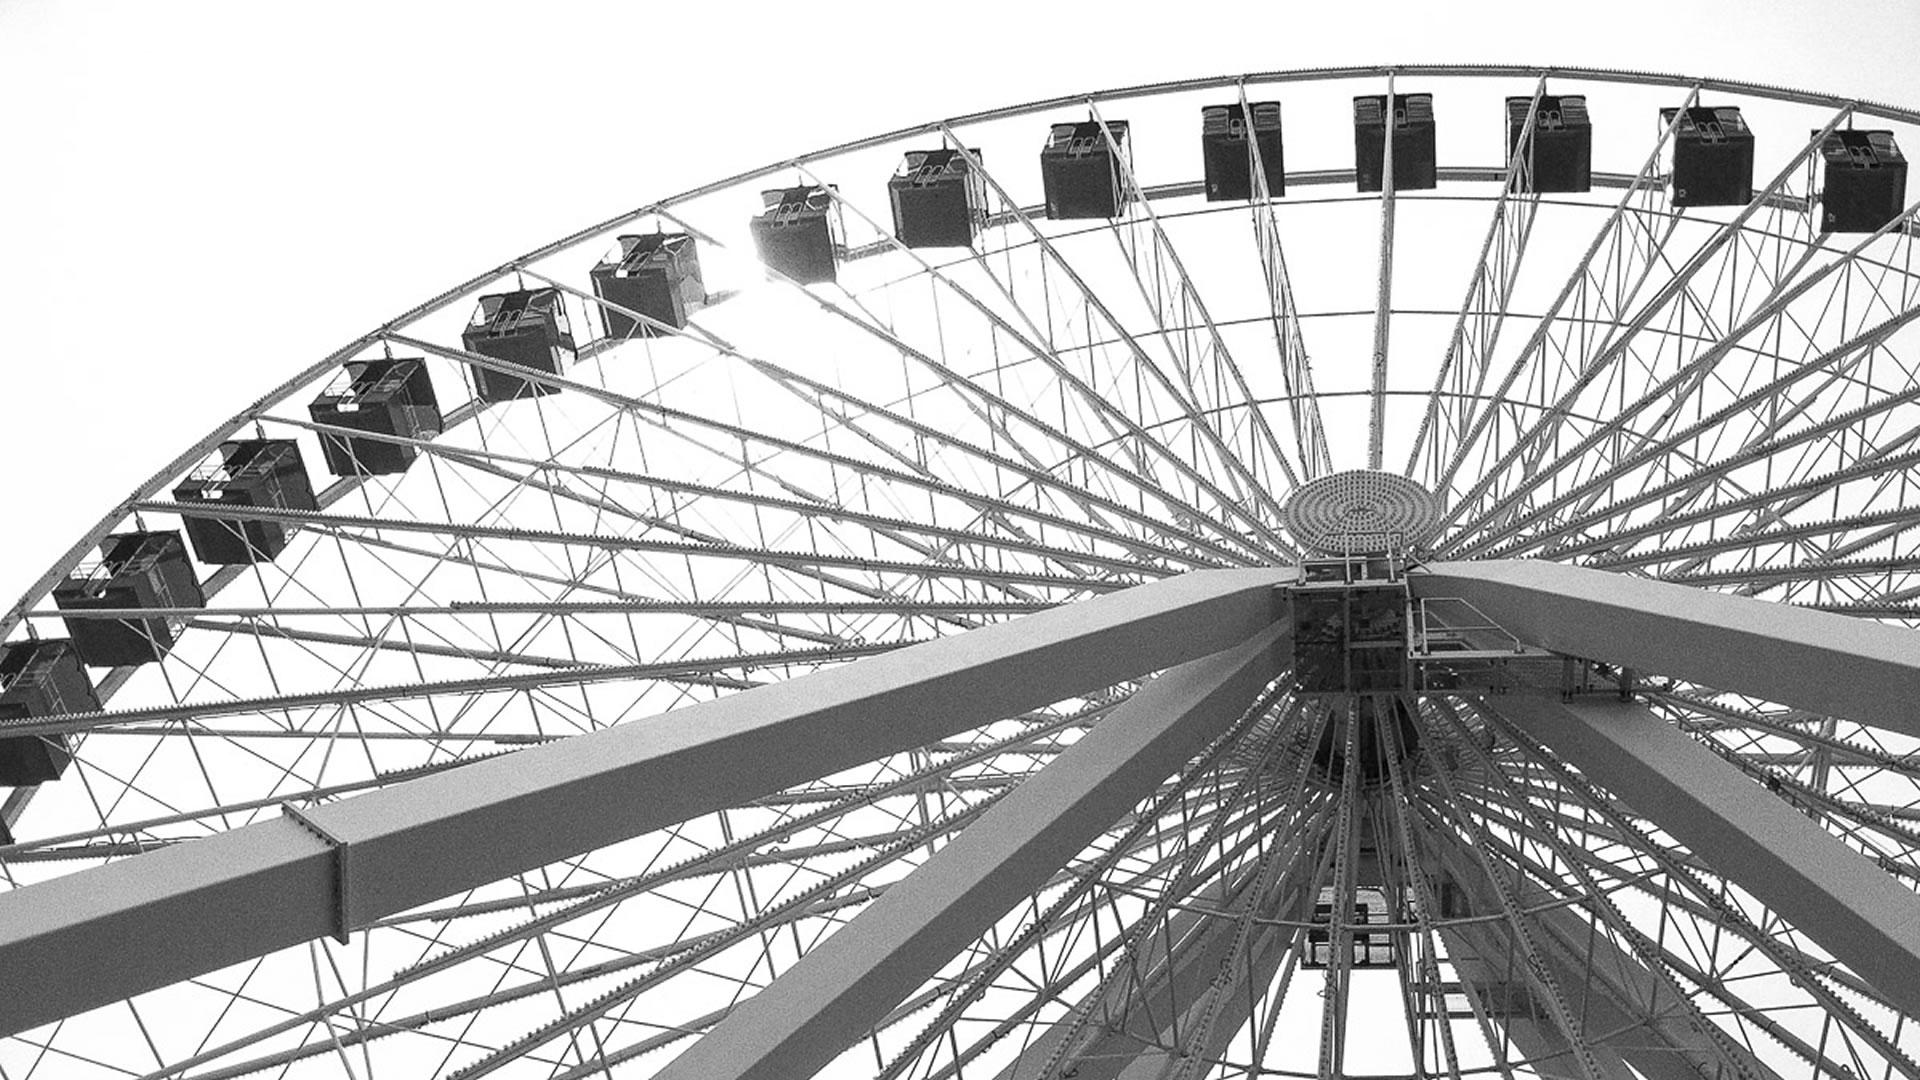 Jason-Kneivel-Ferris-Wheel